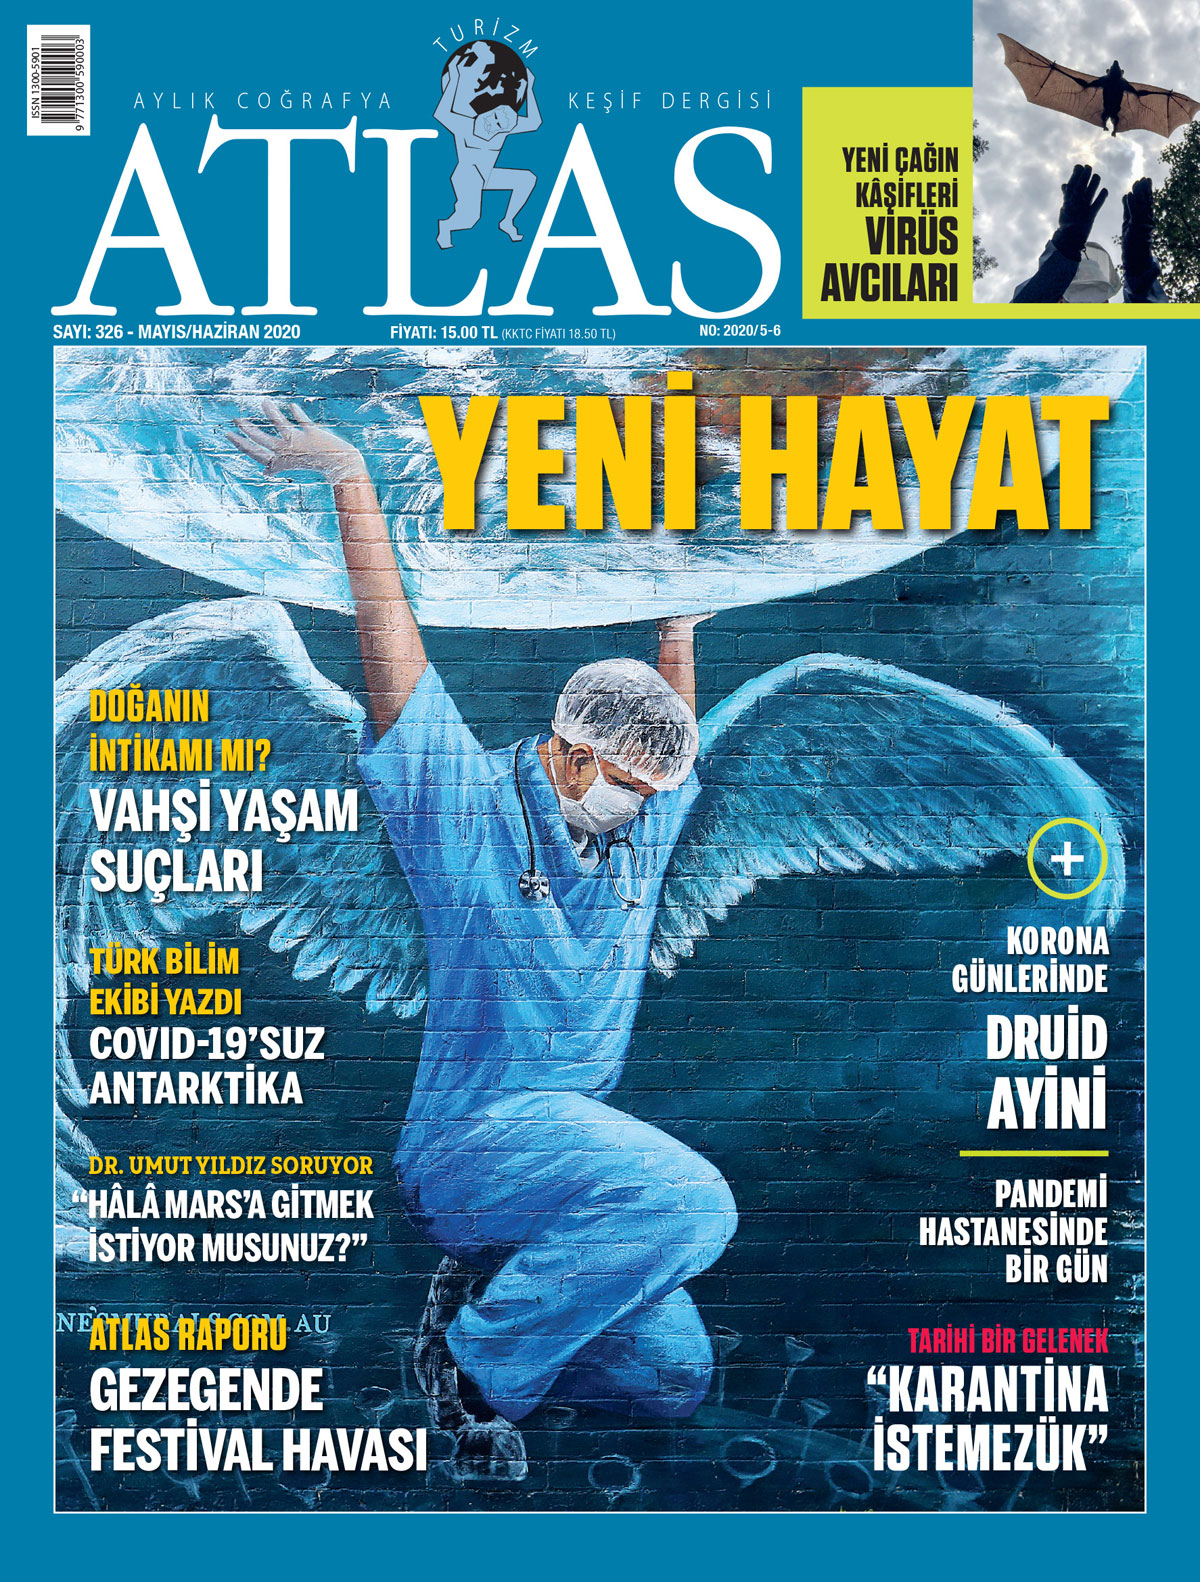 Atlas'ın mayıs-haziran sayısı çıktı! Yeni sayıda neler var? | Atlas | Dergide Bu Ay